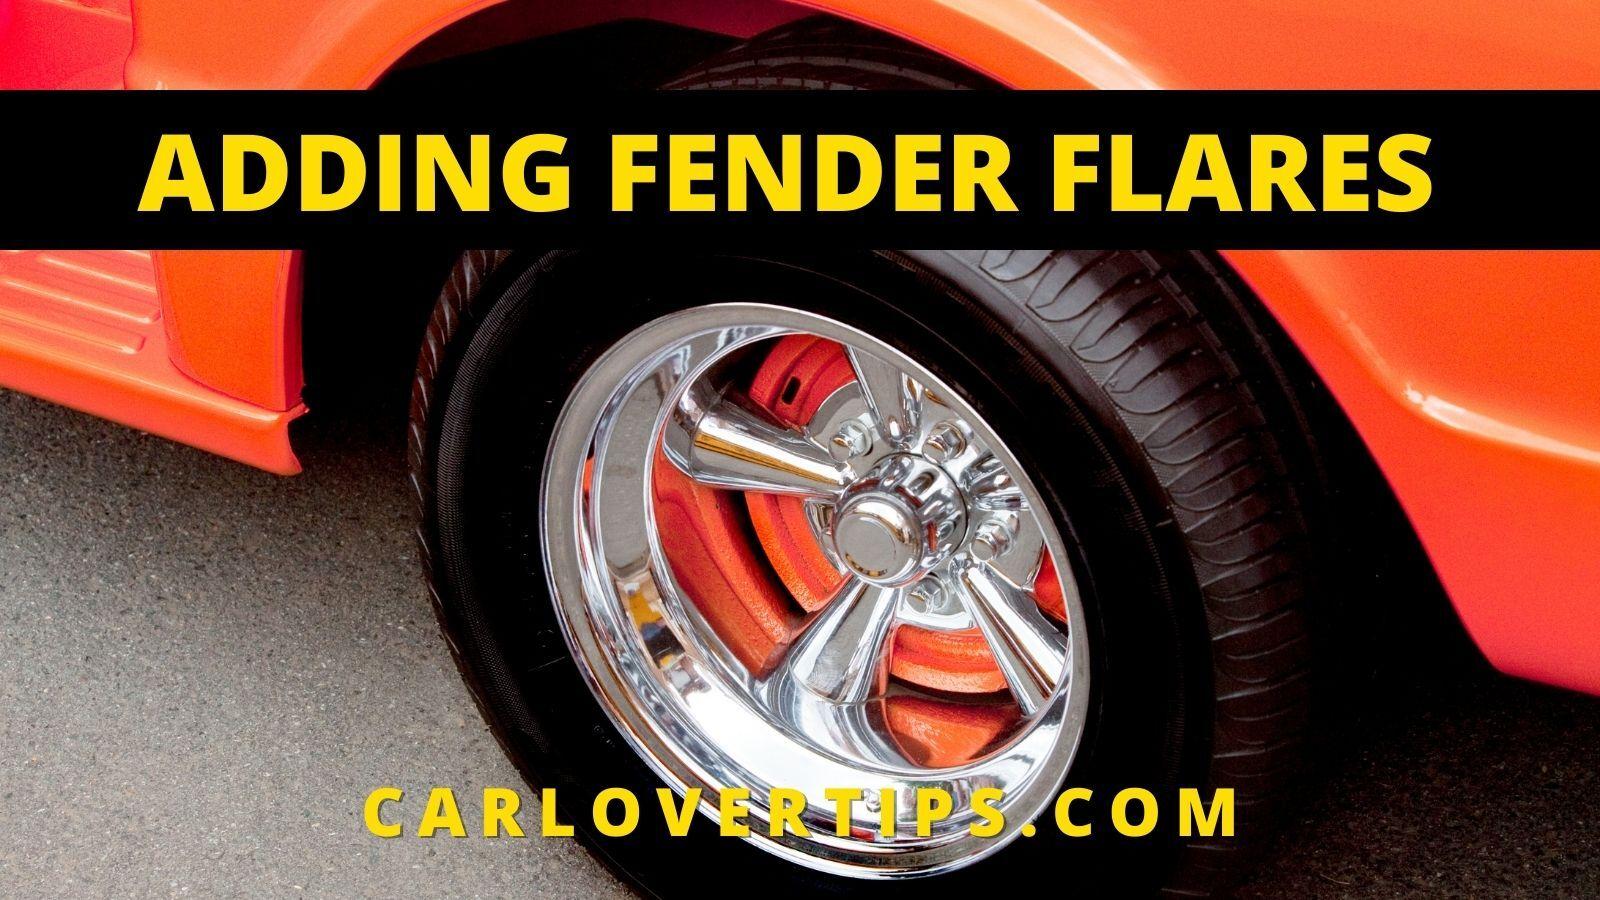 Fender Flares Car Tips Car Lover Tips